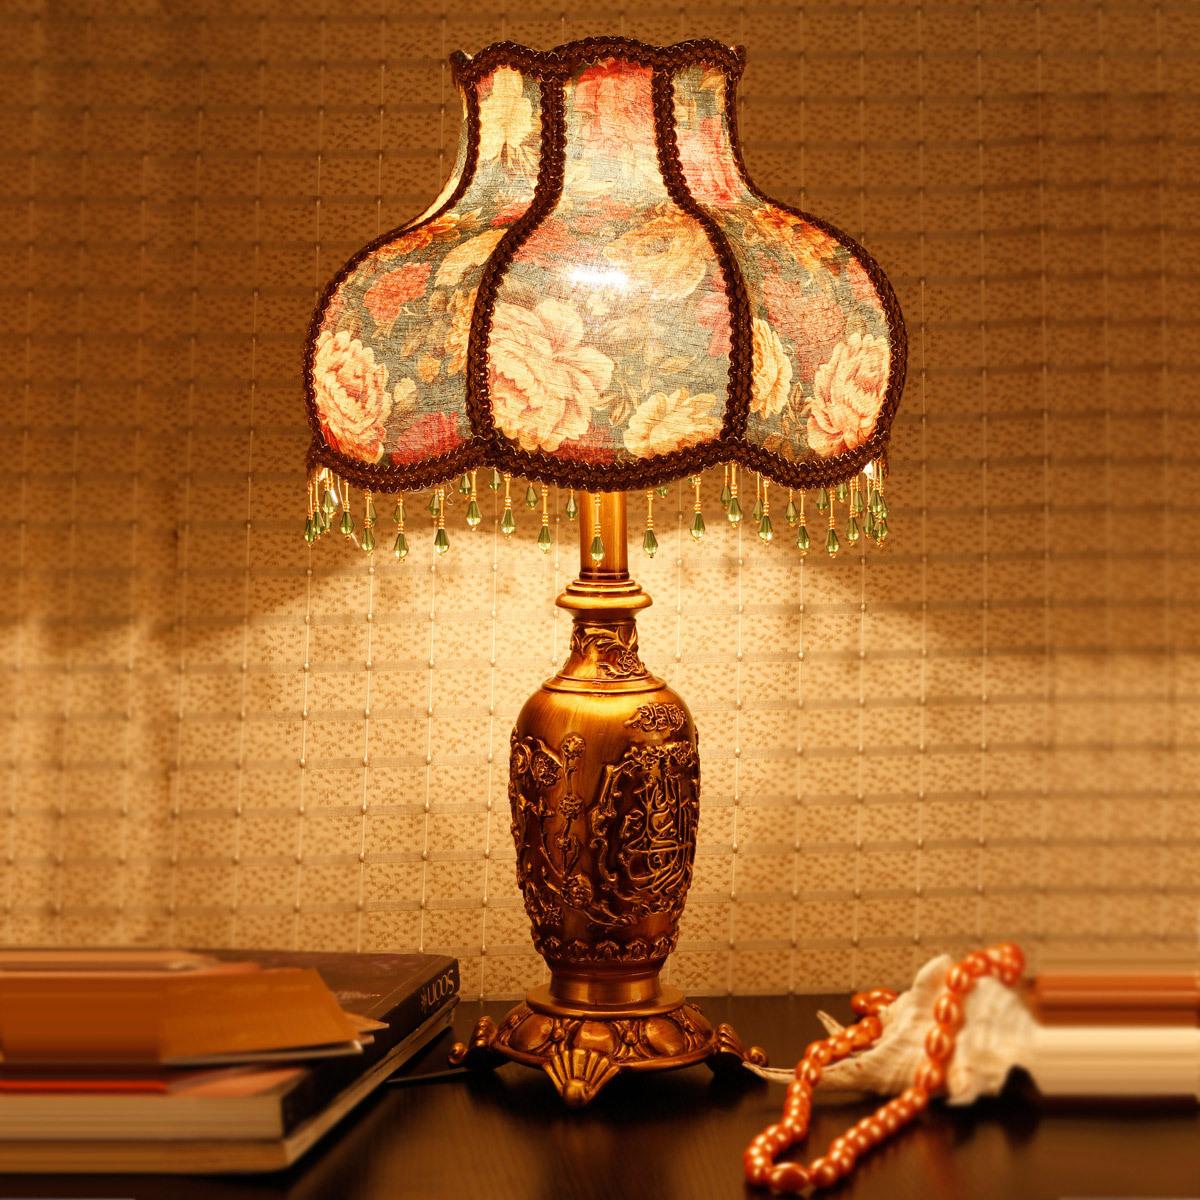 奢华拜占庭 欧式新古典台灯复古宫廷,贵族般的享受